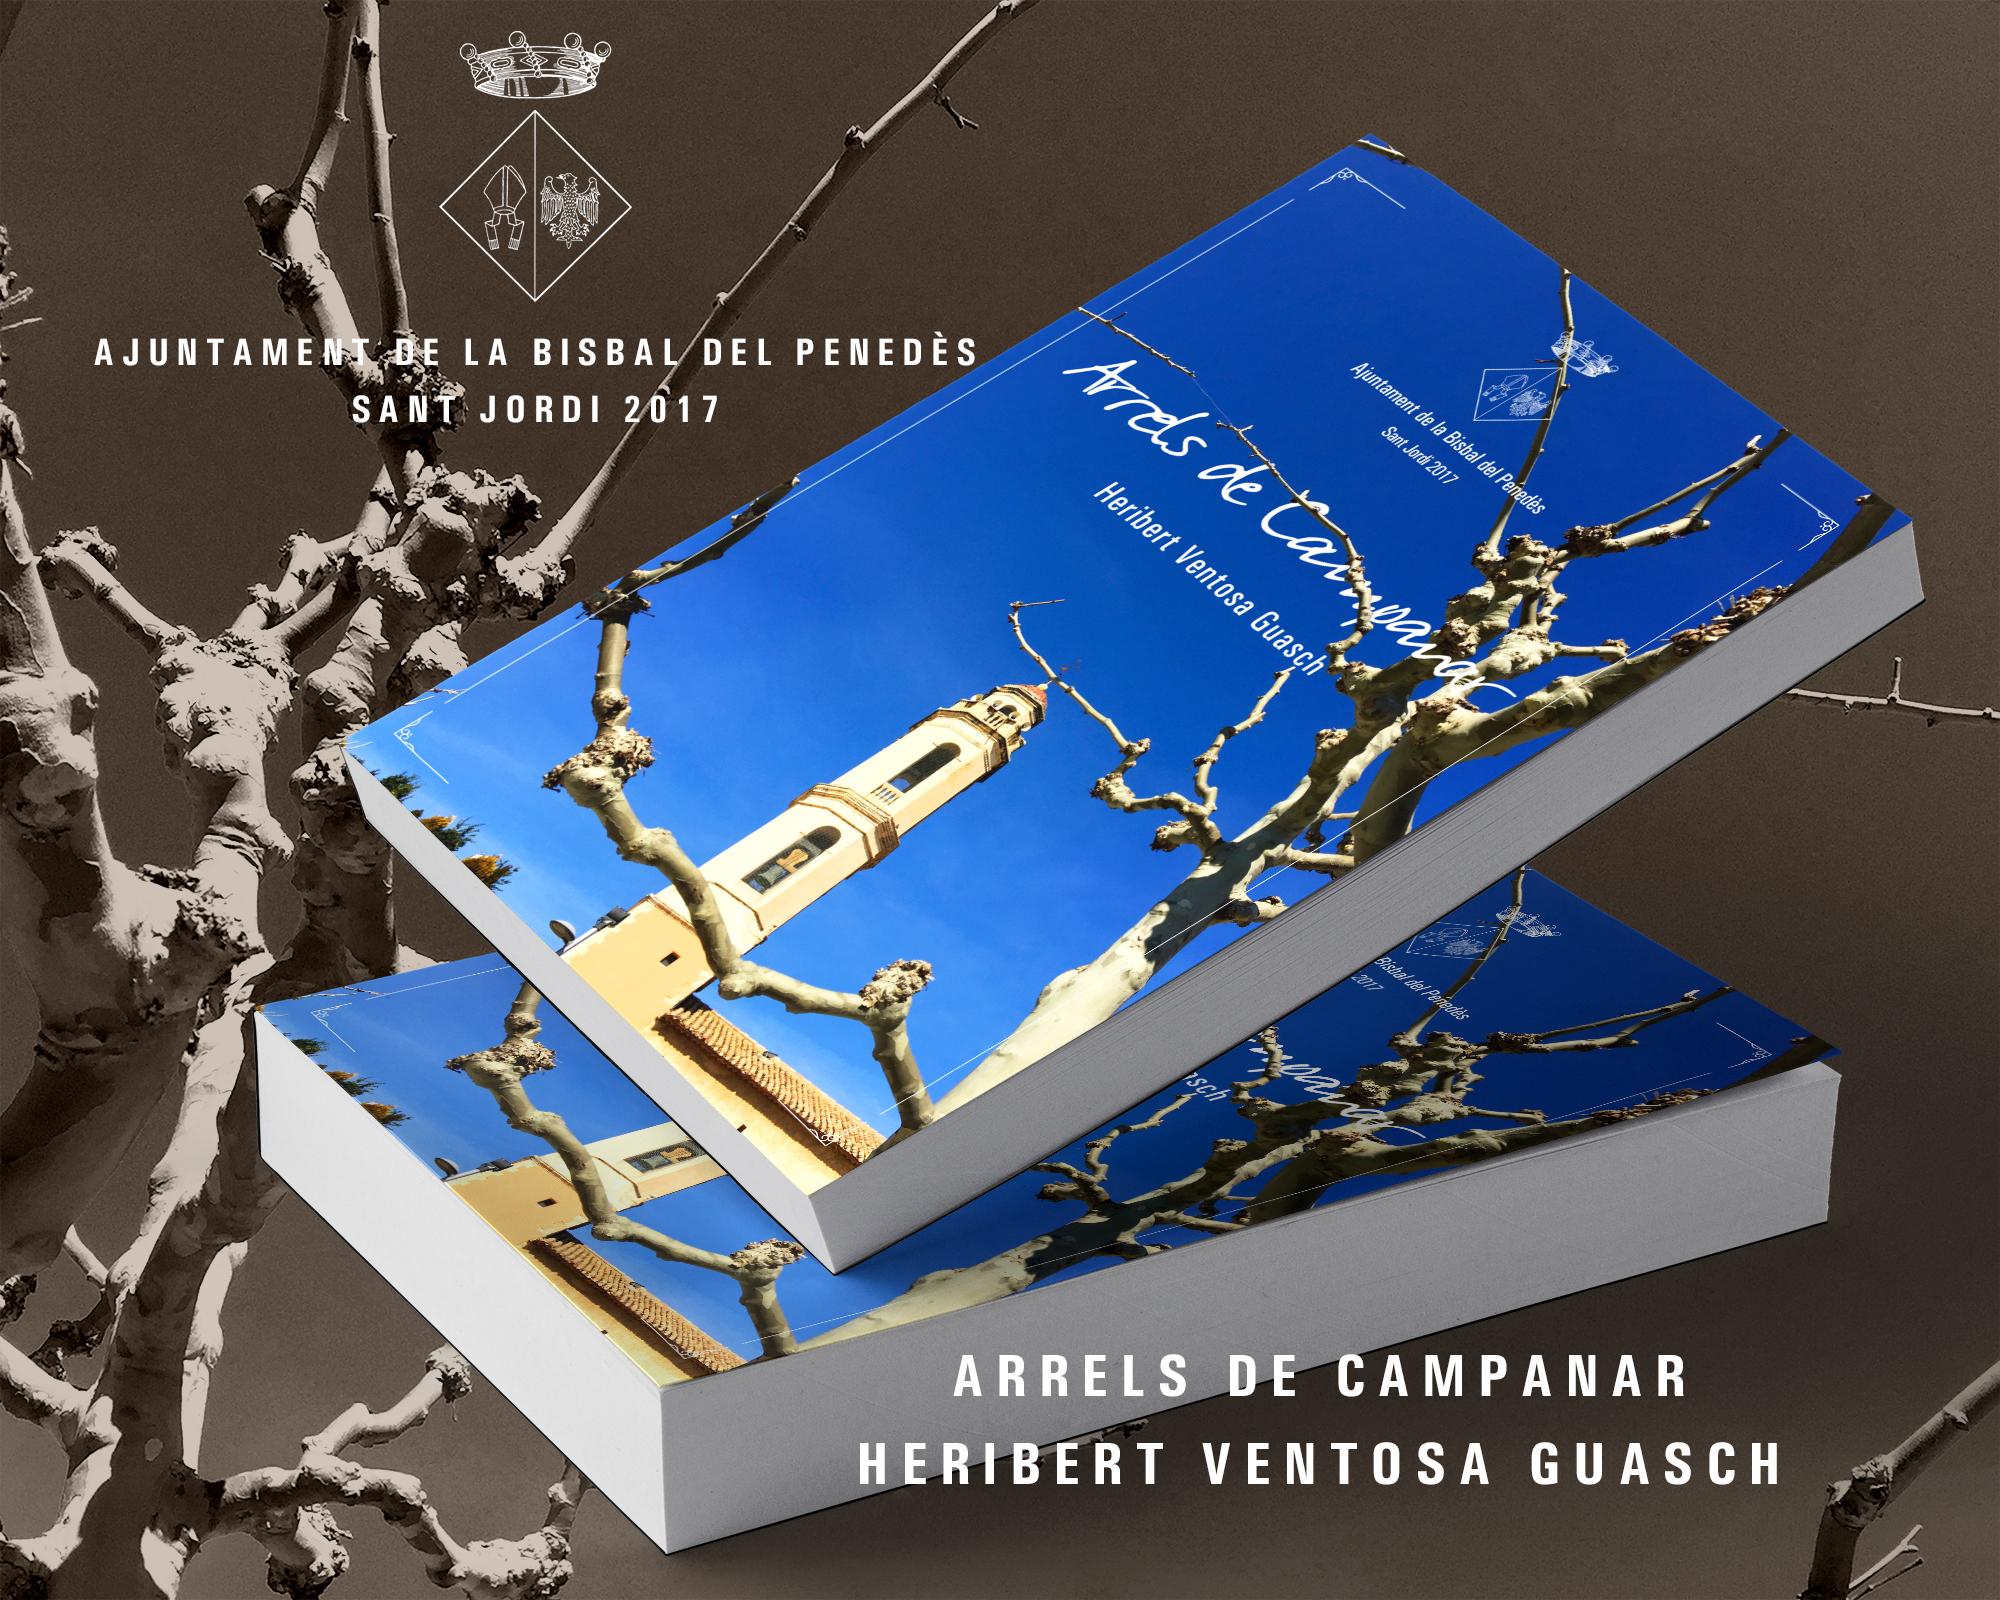 Ja està disponible la segona edició del llibre 'Arrels de Campanar' de l'autor bisbalenc Heribert Ventosa